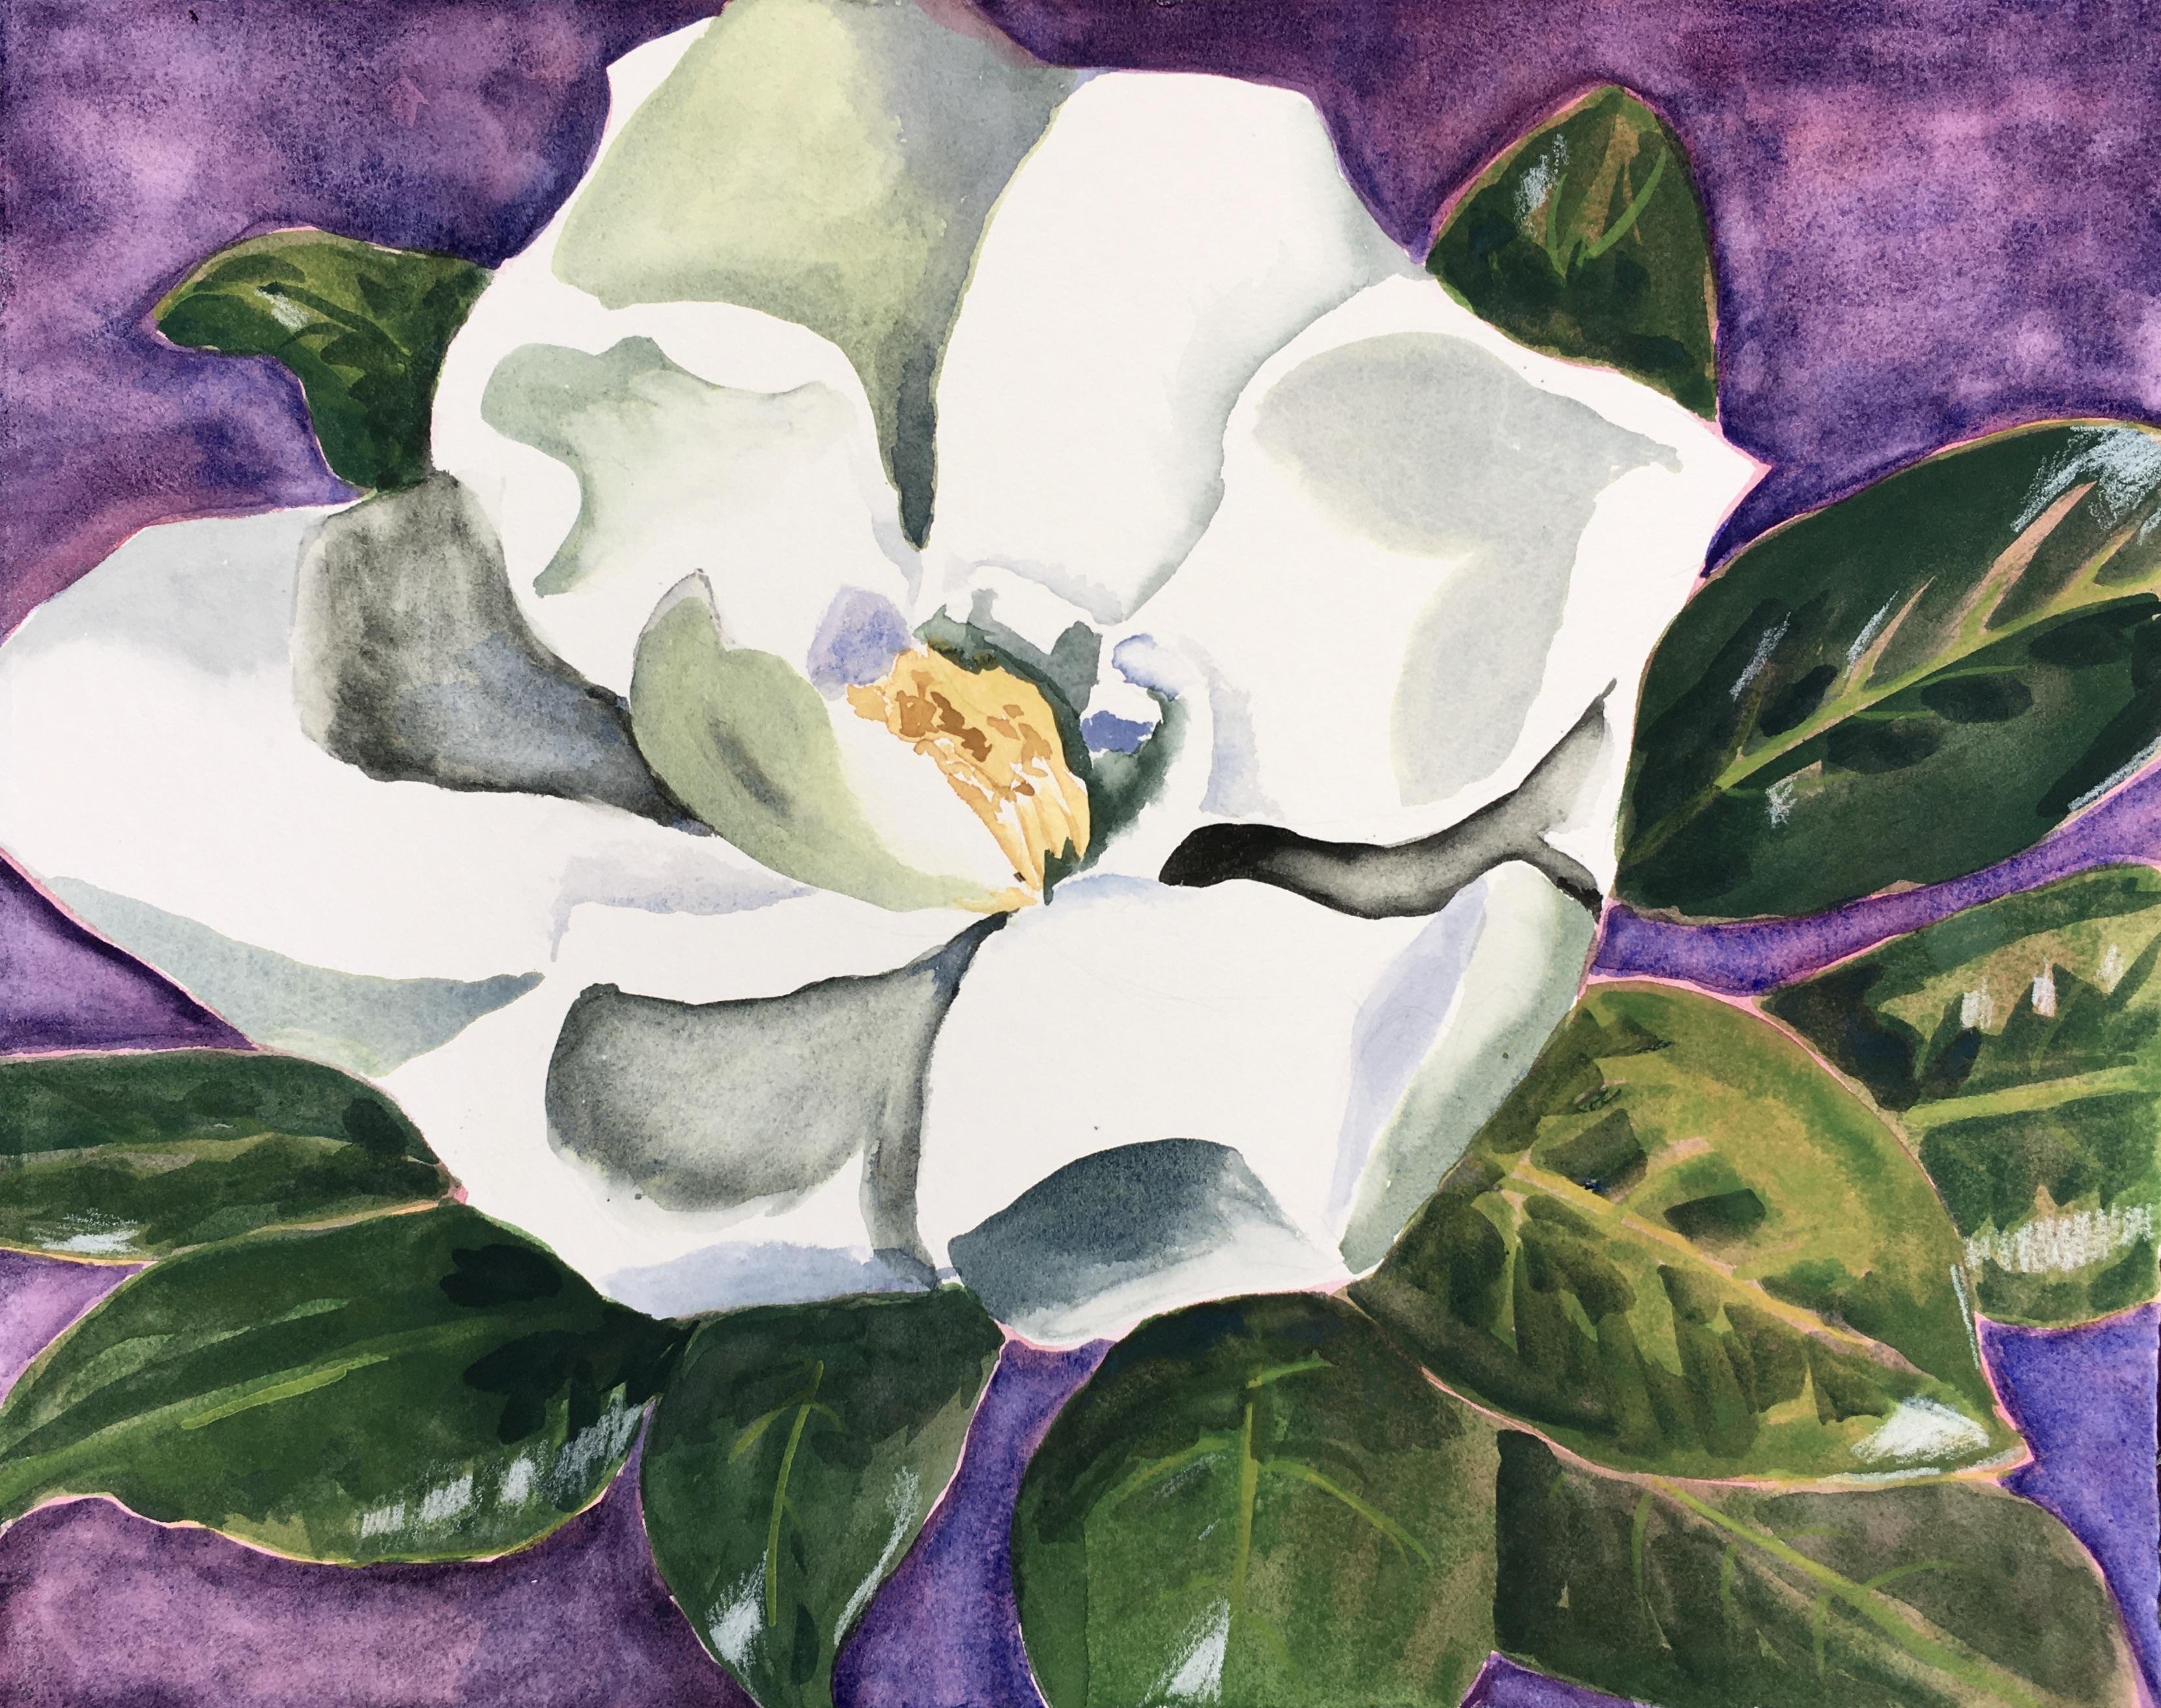 33magnolia-blossom